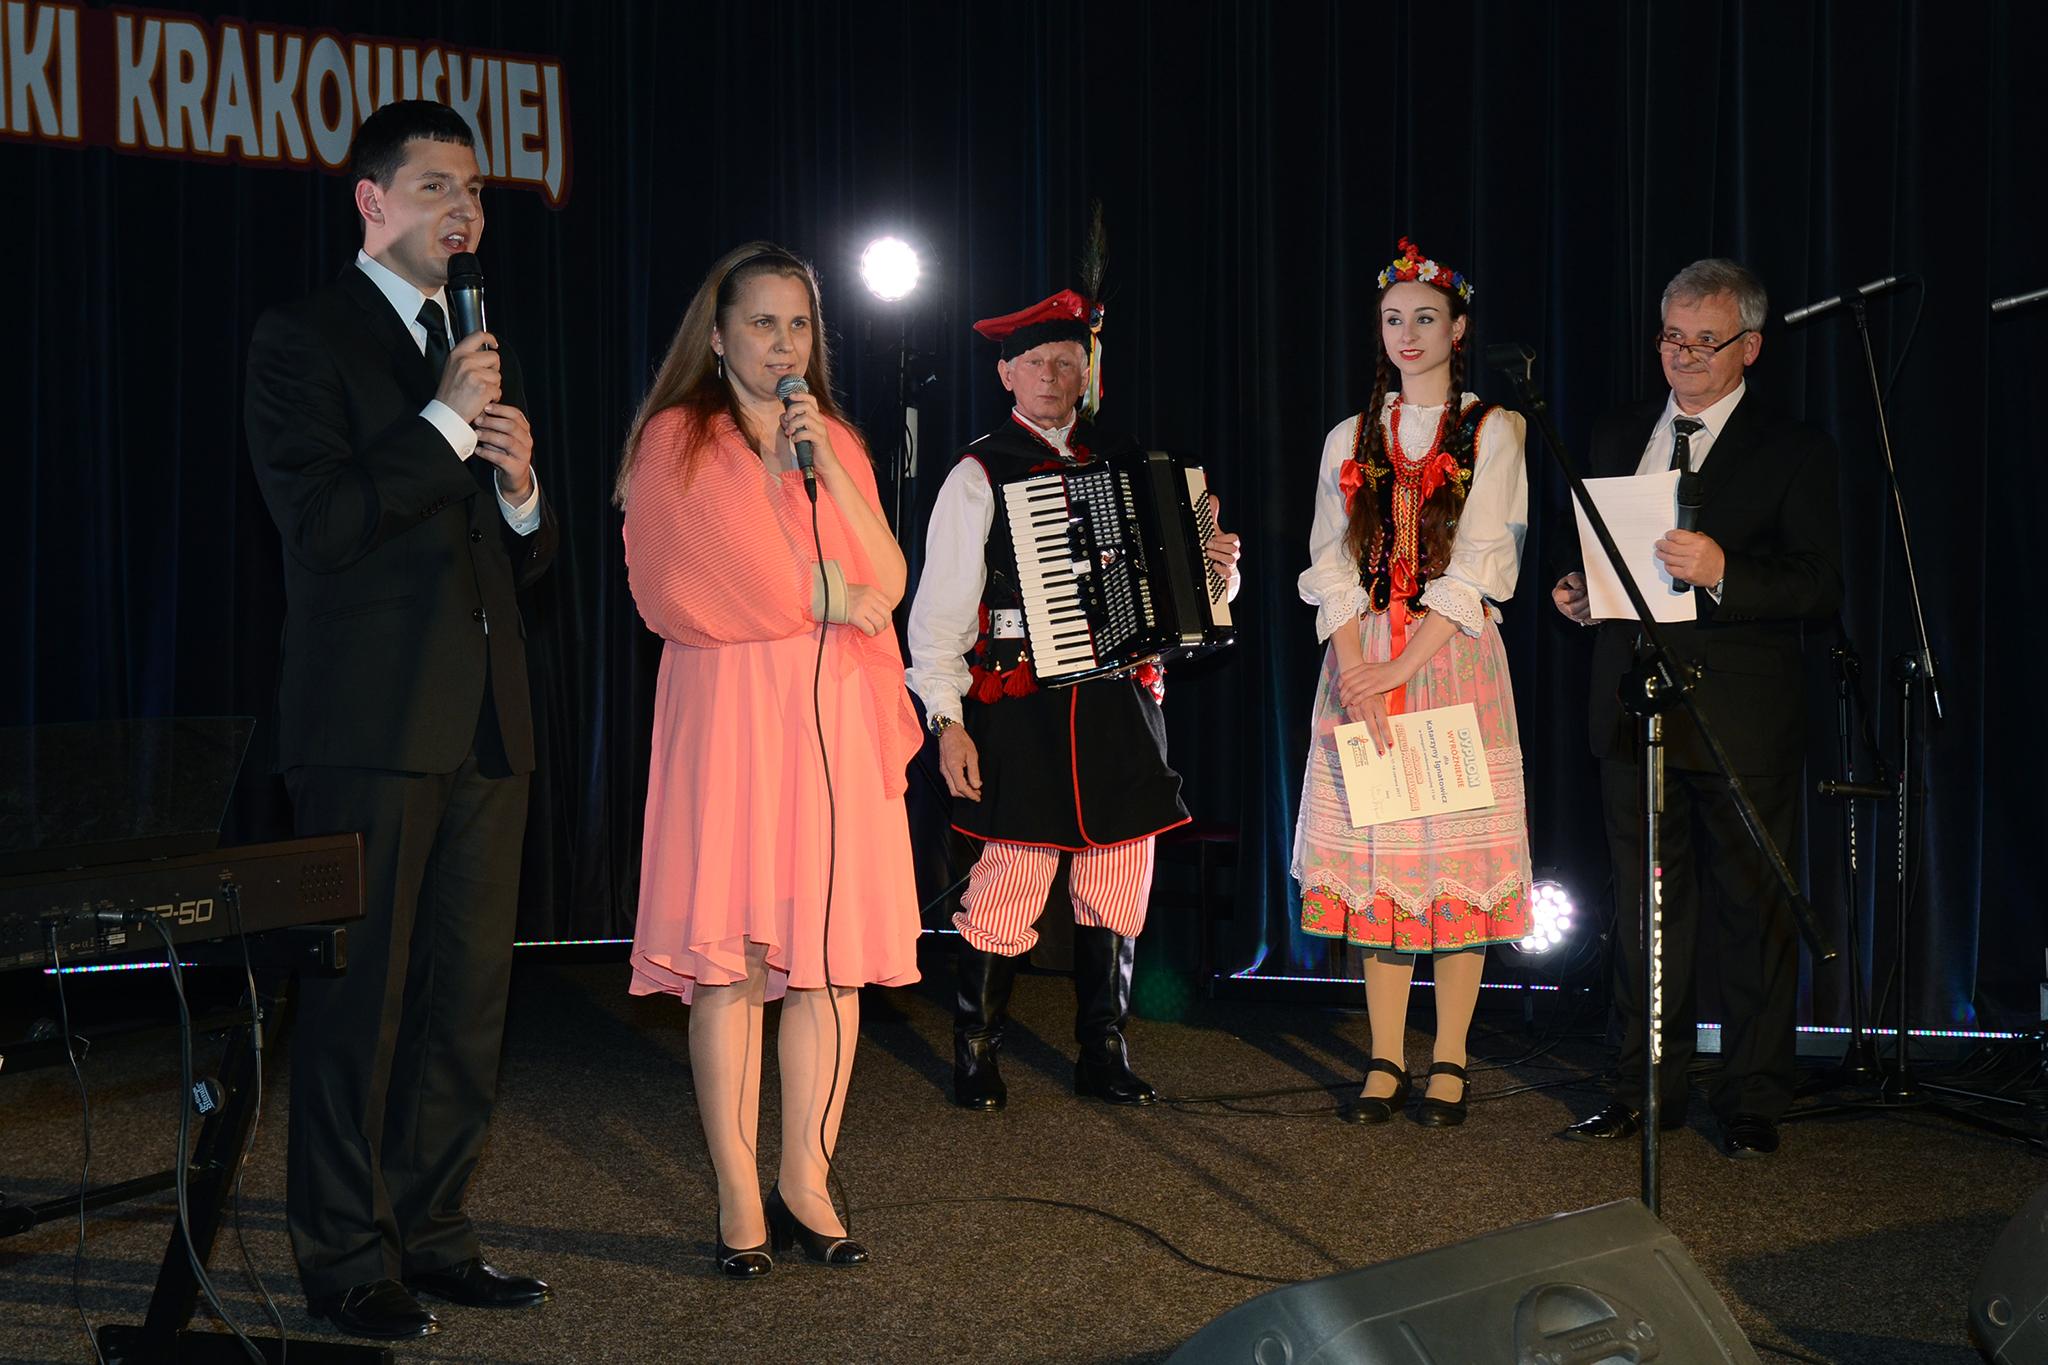 Prezes Fundacji Monika Flaga i viceprezes Adrian Wyka przemawiają. Oprócz nich na scenie stoi laureatka festiwalu, jej akompaniator i konferansjer Festiwalu